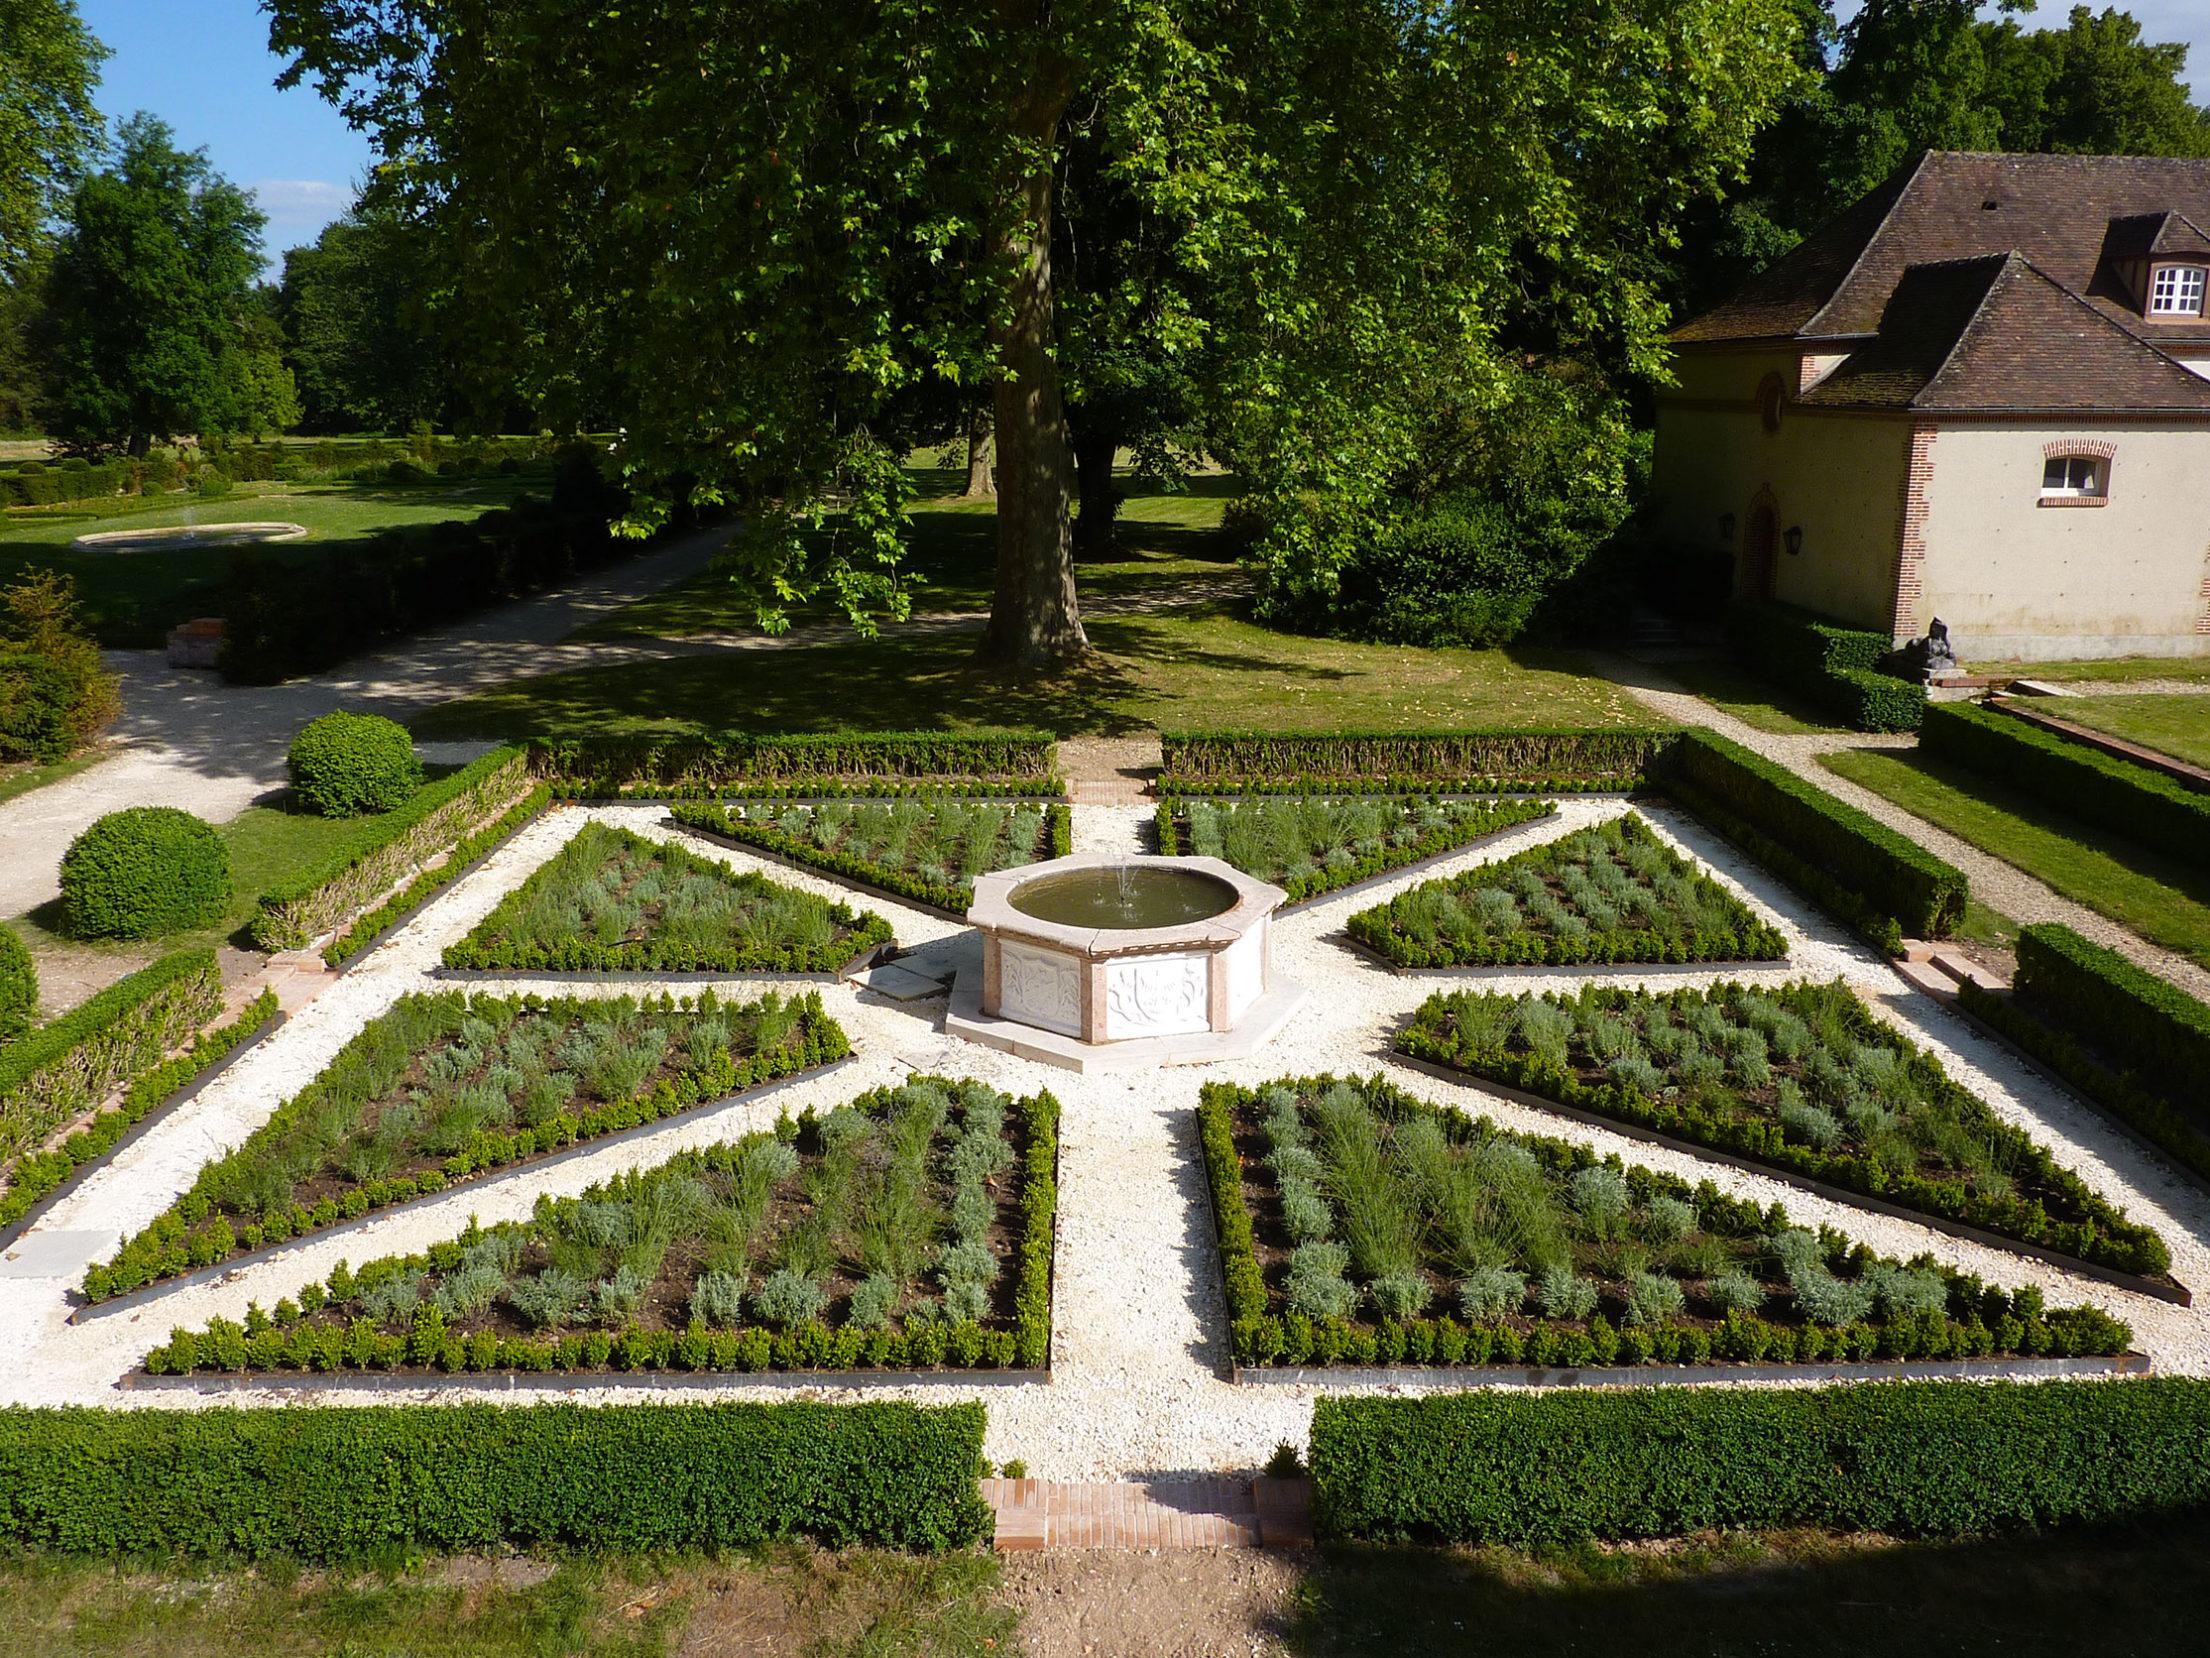 paysage jardin photo paysage jardin copyleft ces sont libres vous pouvez les copier les. Black Bedroom Furniture Sets. Home Design Ideas